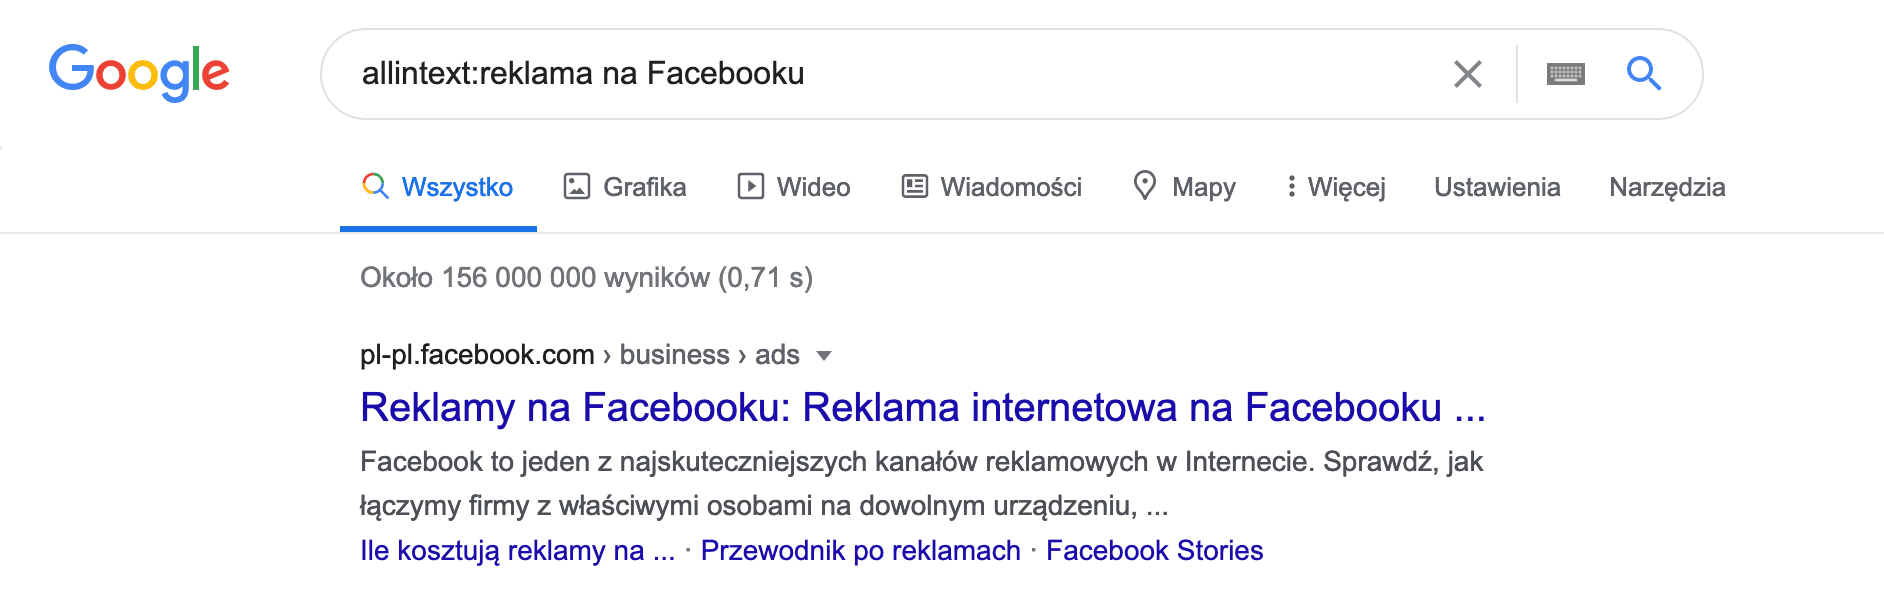 jak wyszukiwać w google - allintext: